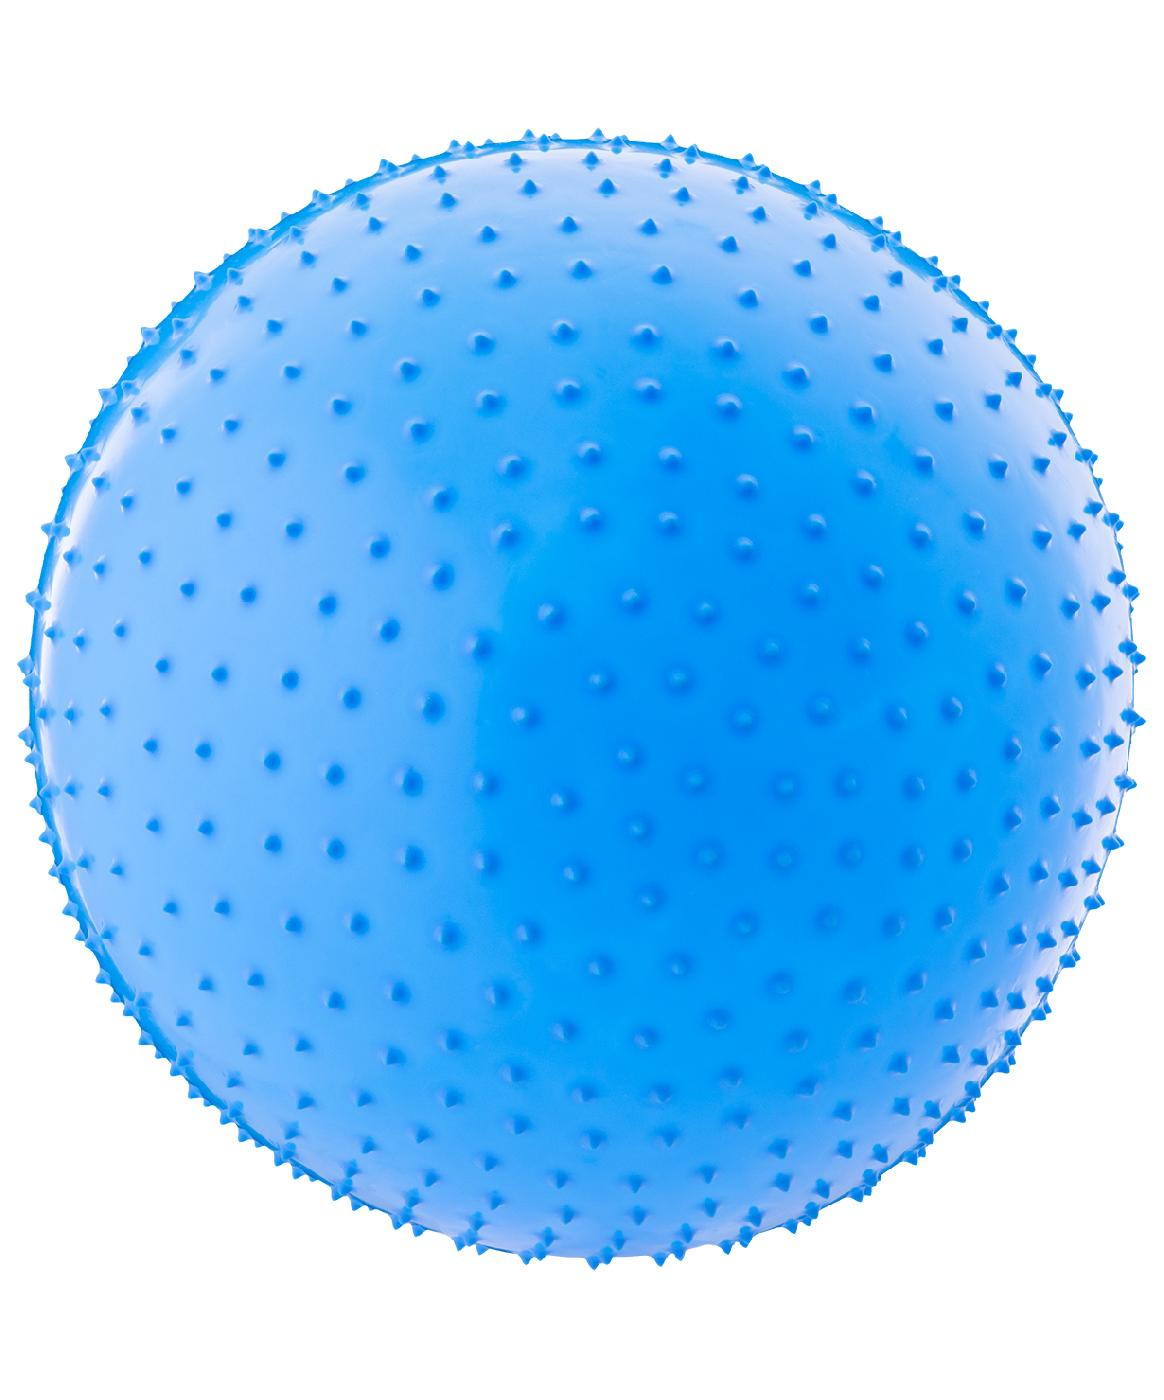 Мяч для фитнеса Starfit Мяч гимнастический массажный Starfit GB-301 55 см, антивзрыв, синий, GB-301 55 см, антивзрыв, синий цена